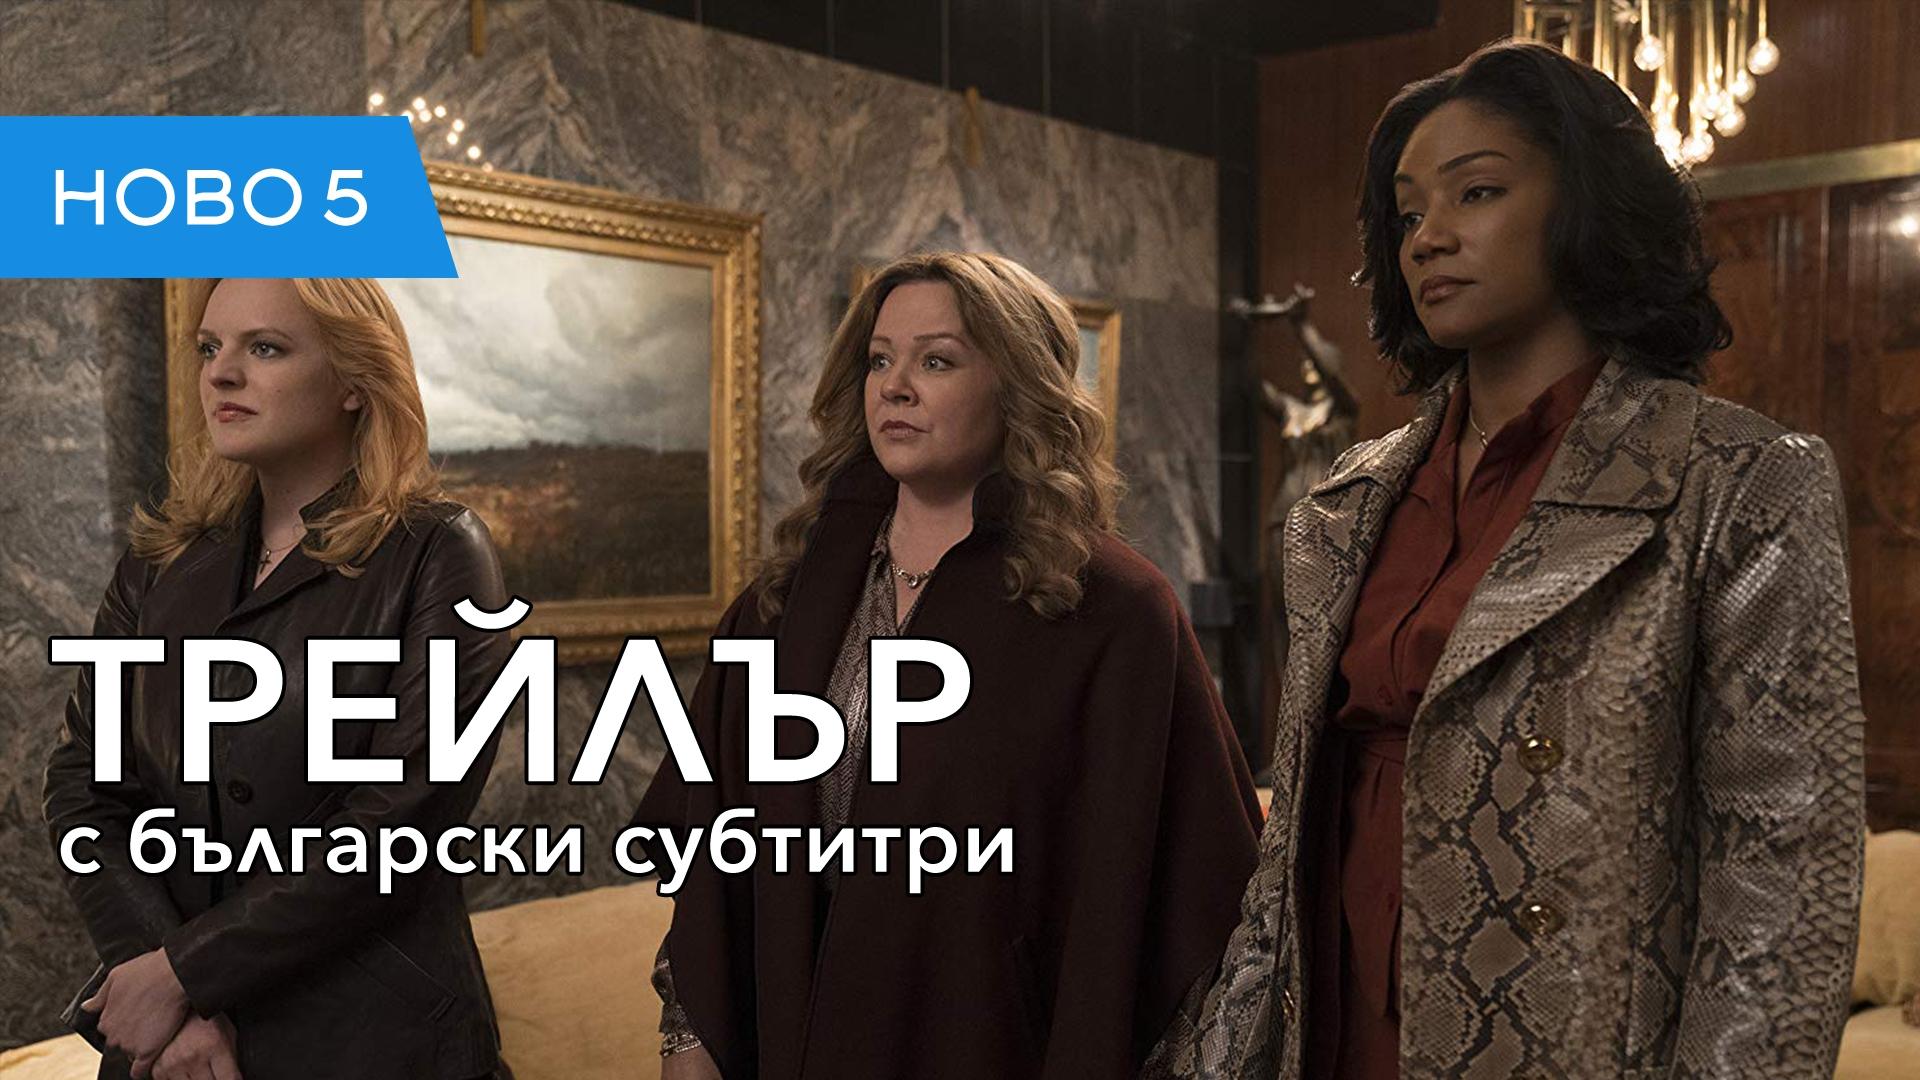 Кралици на престъпността (2019) трейлър с български субтитри